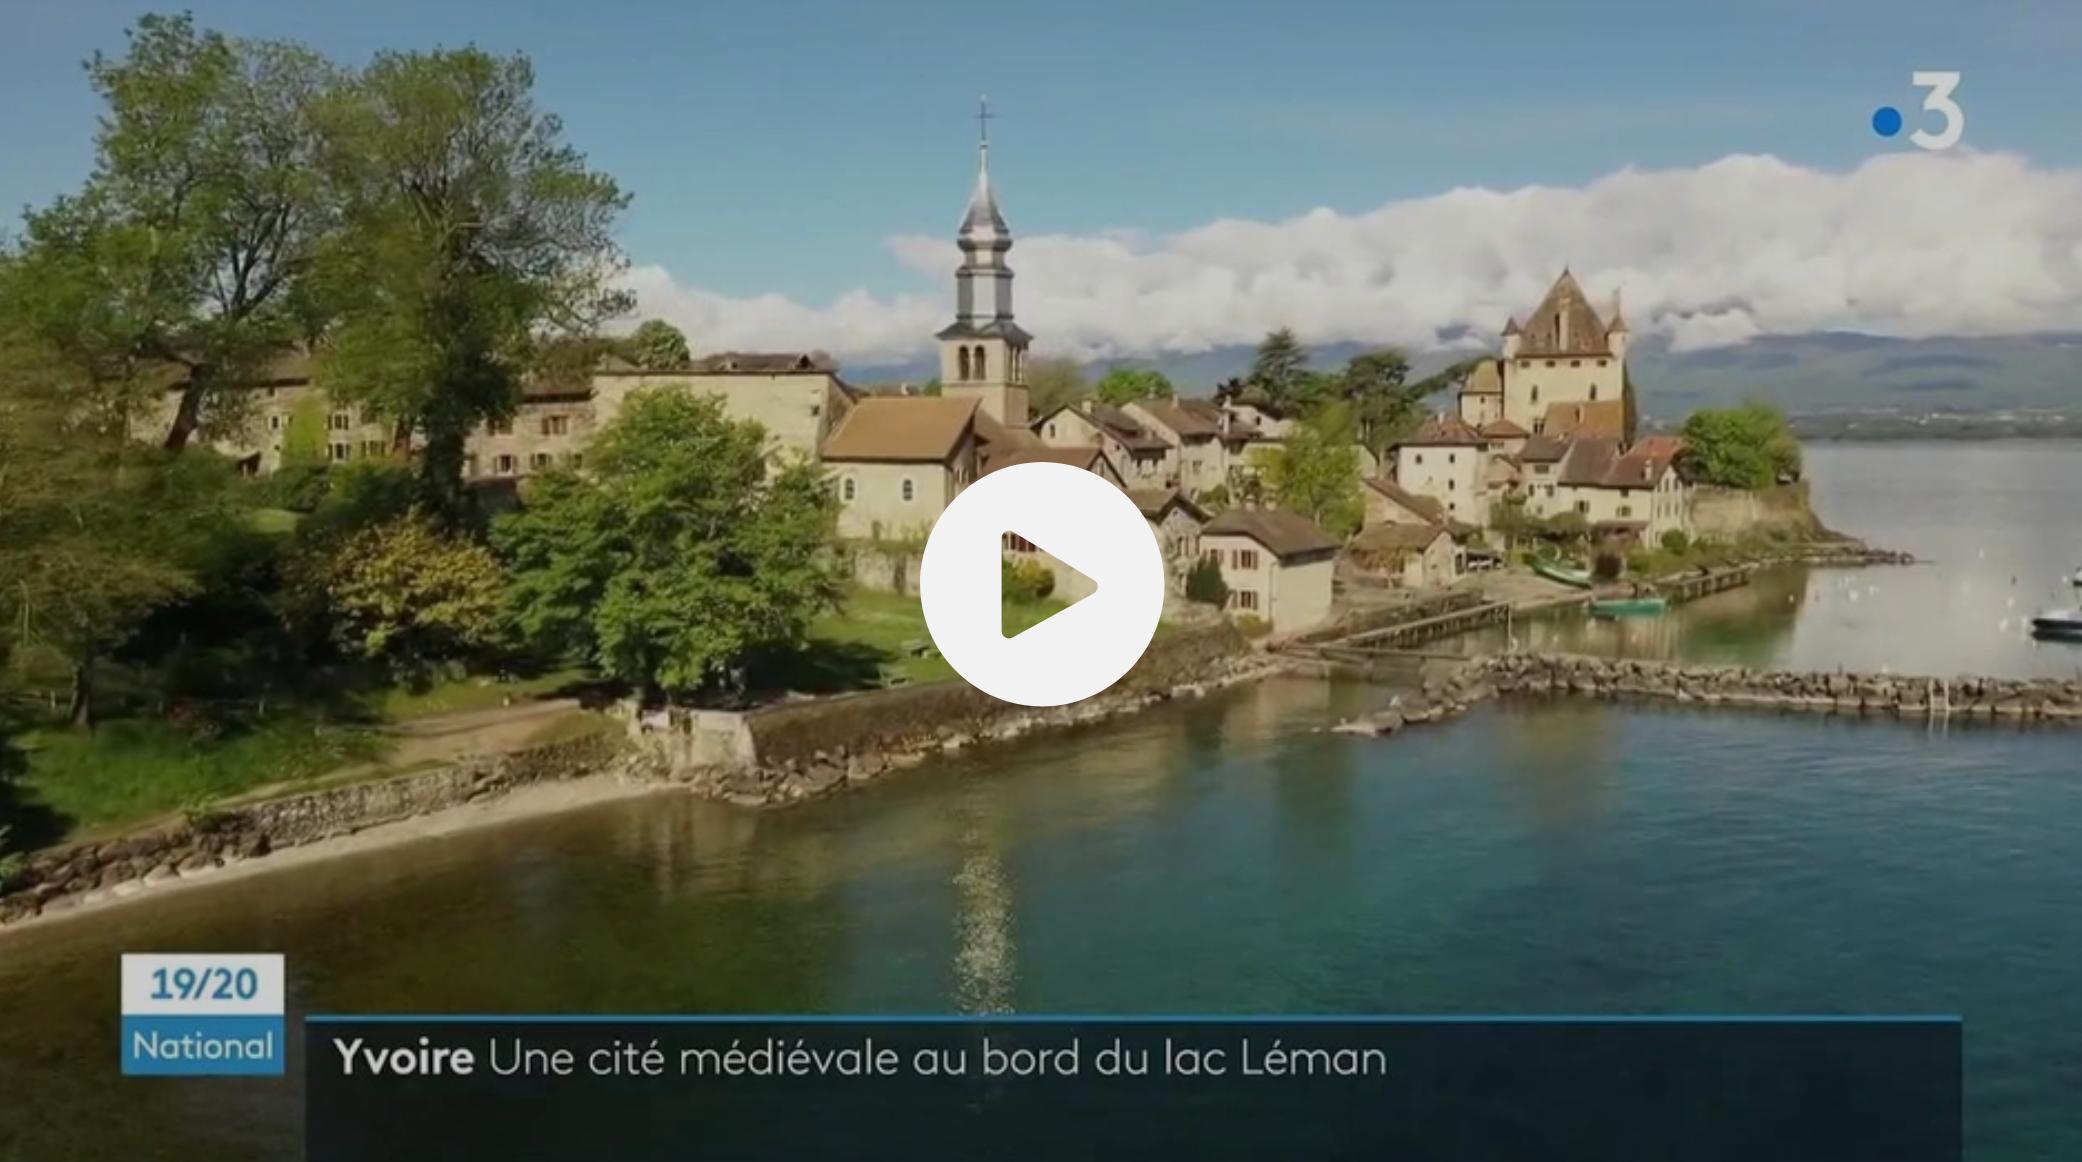 Haute-Savoie : la cité médiévale d'Yvoire, la perle du lac Léman